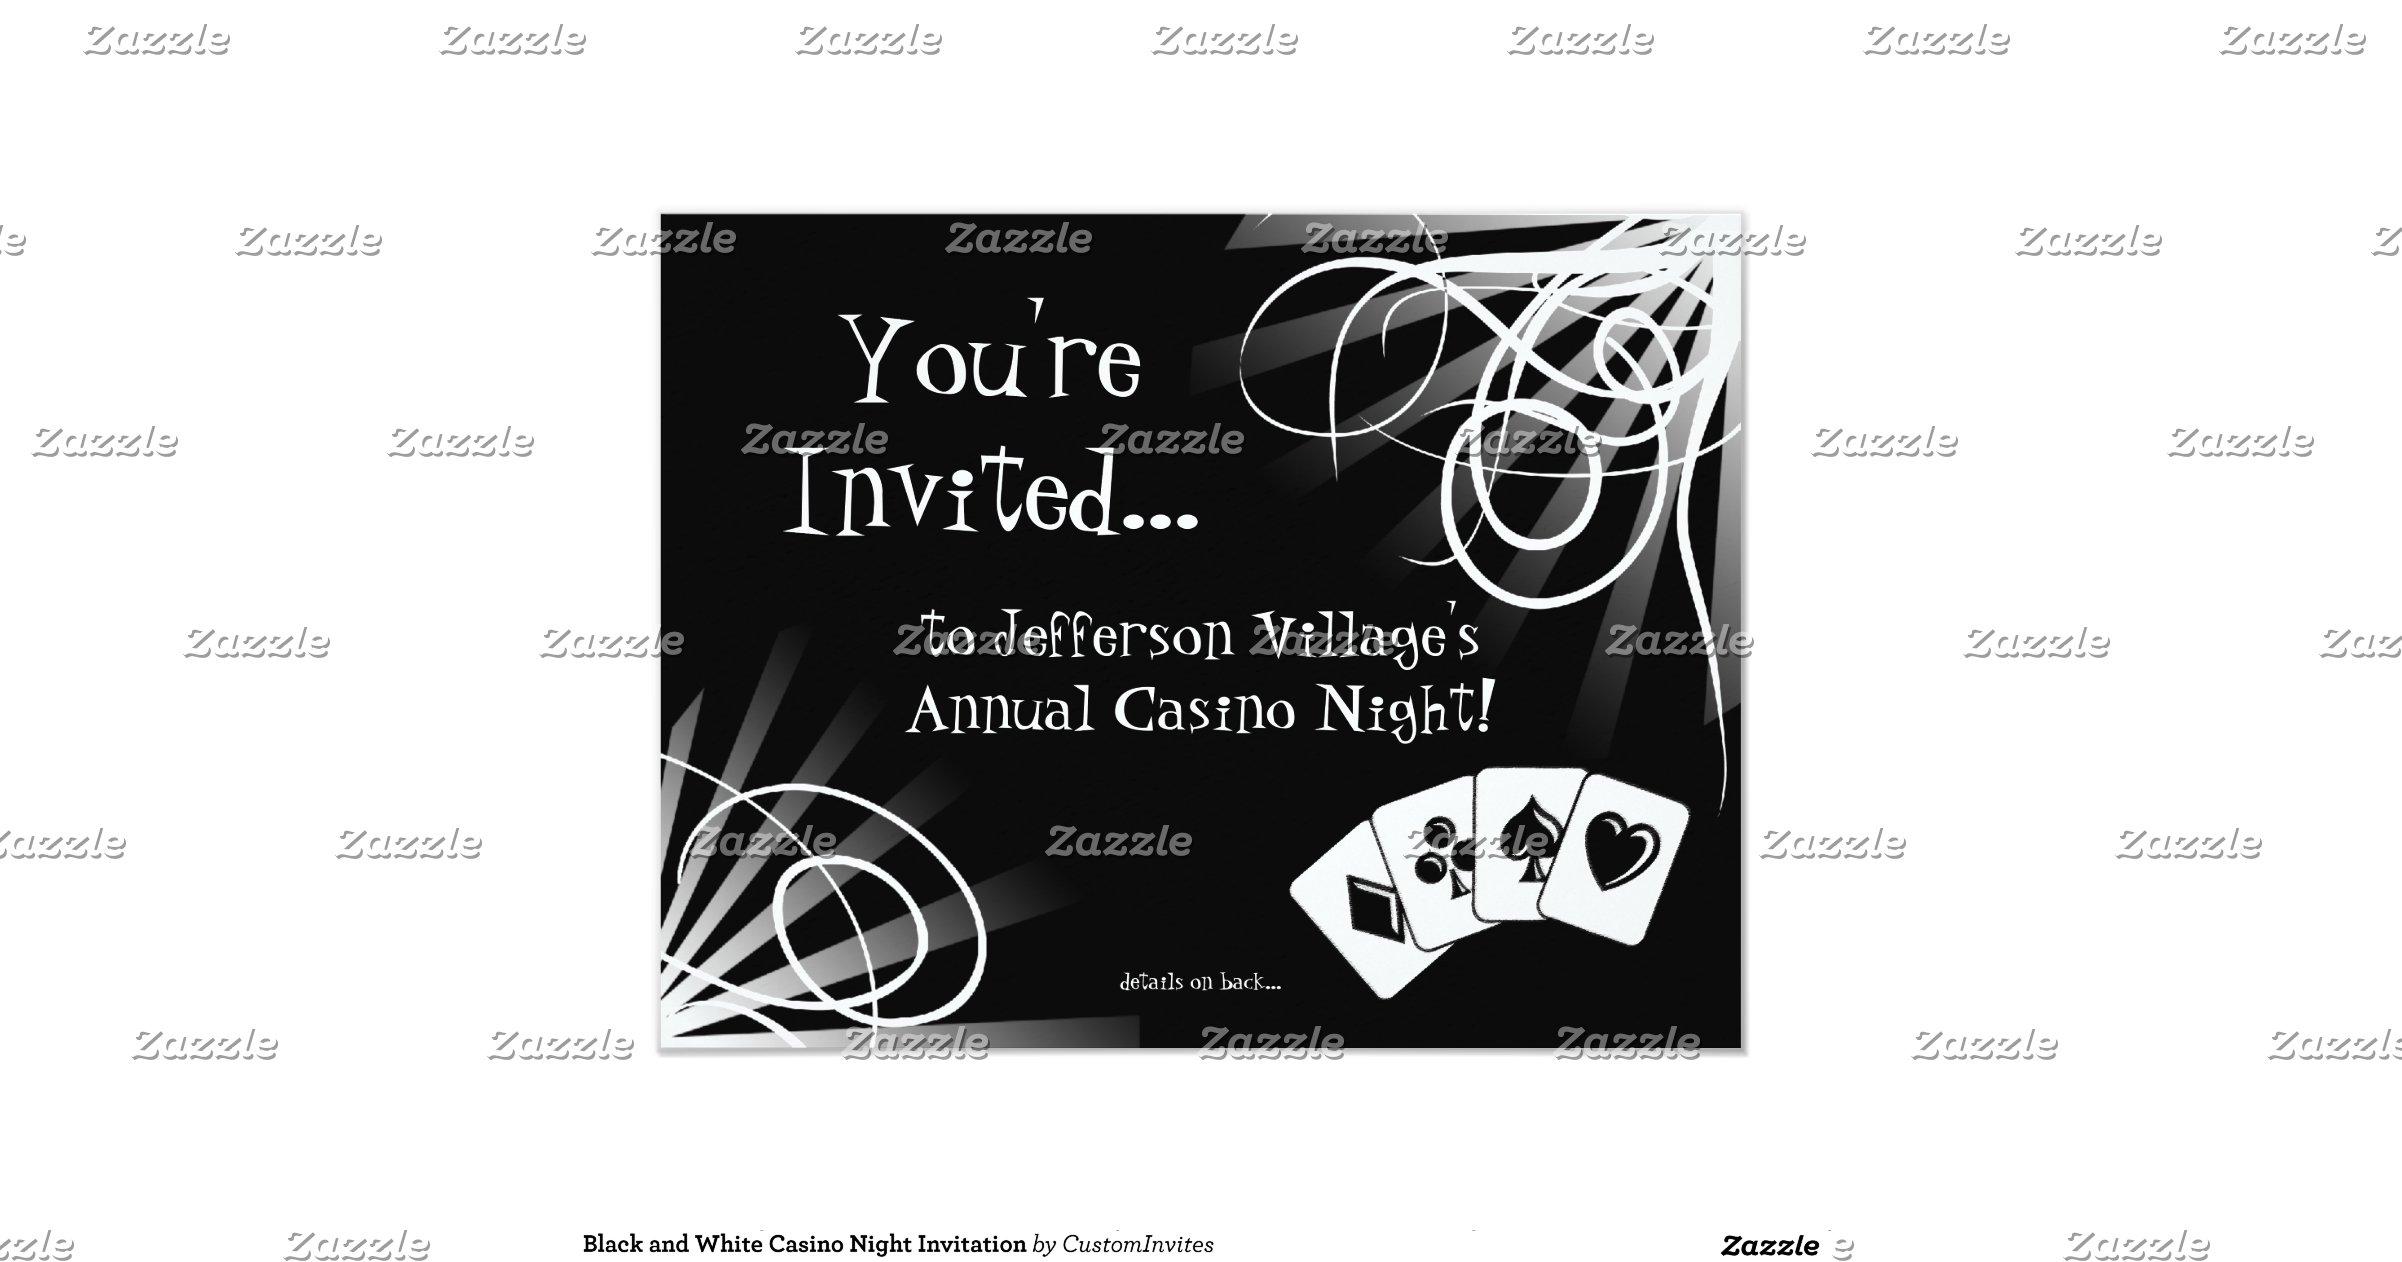 black and white casino night